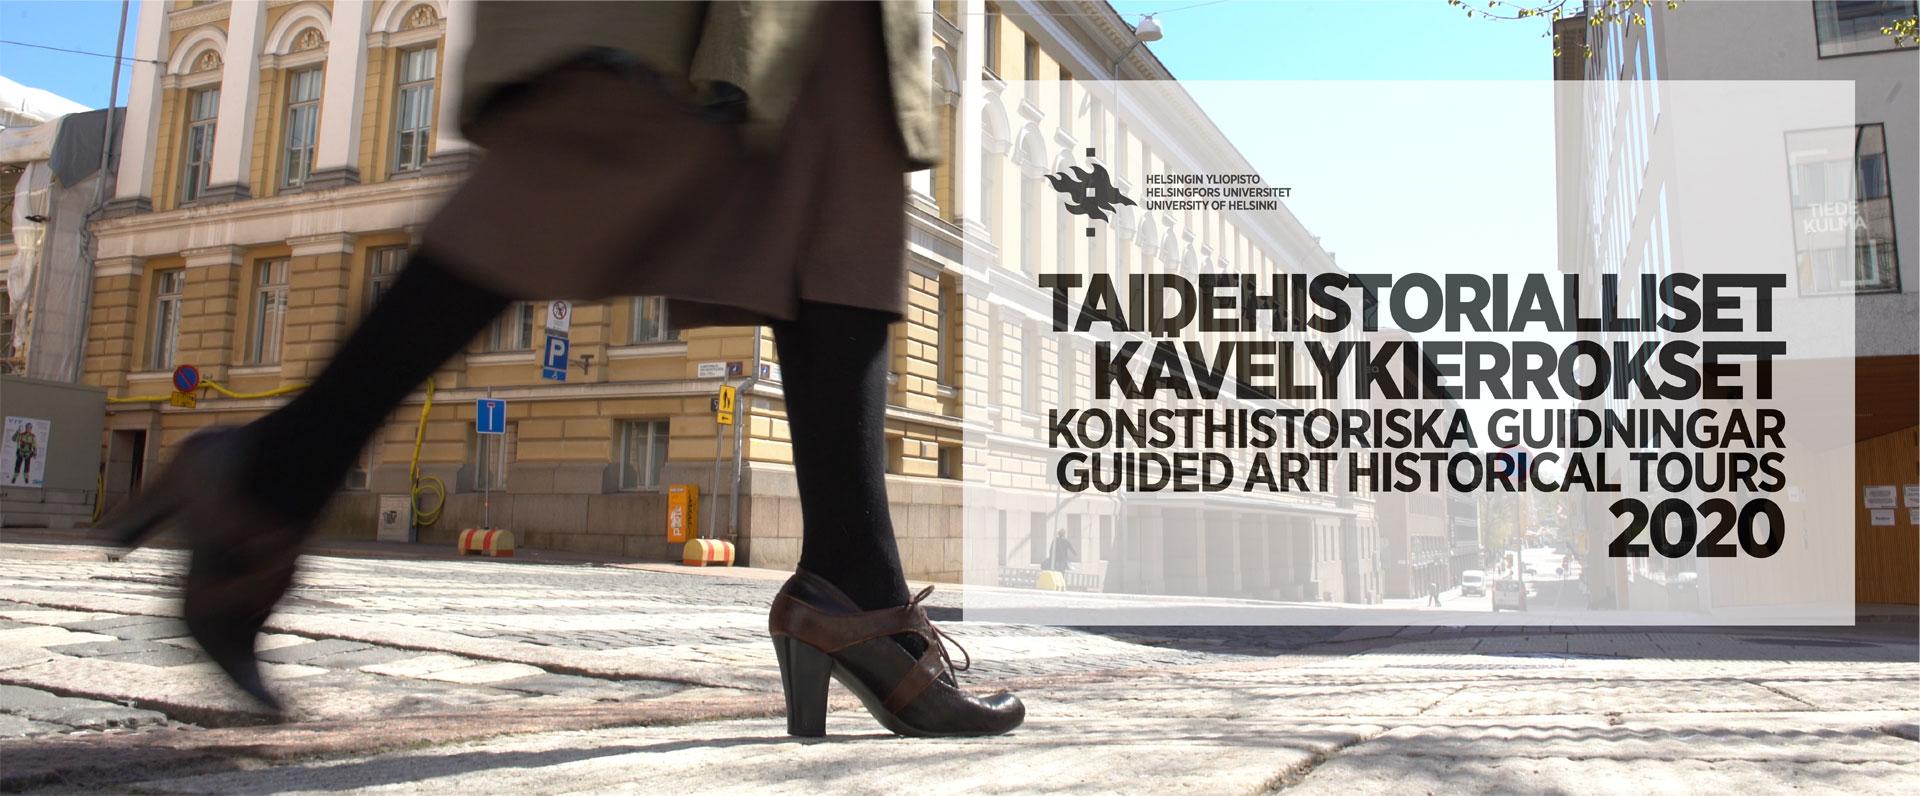 Linkki tapahtumaan Taidehistorialliset kävelykierrokset 2020